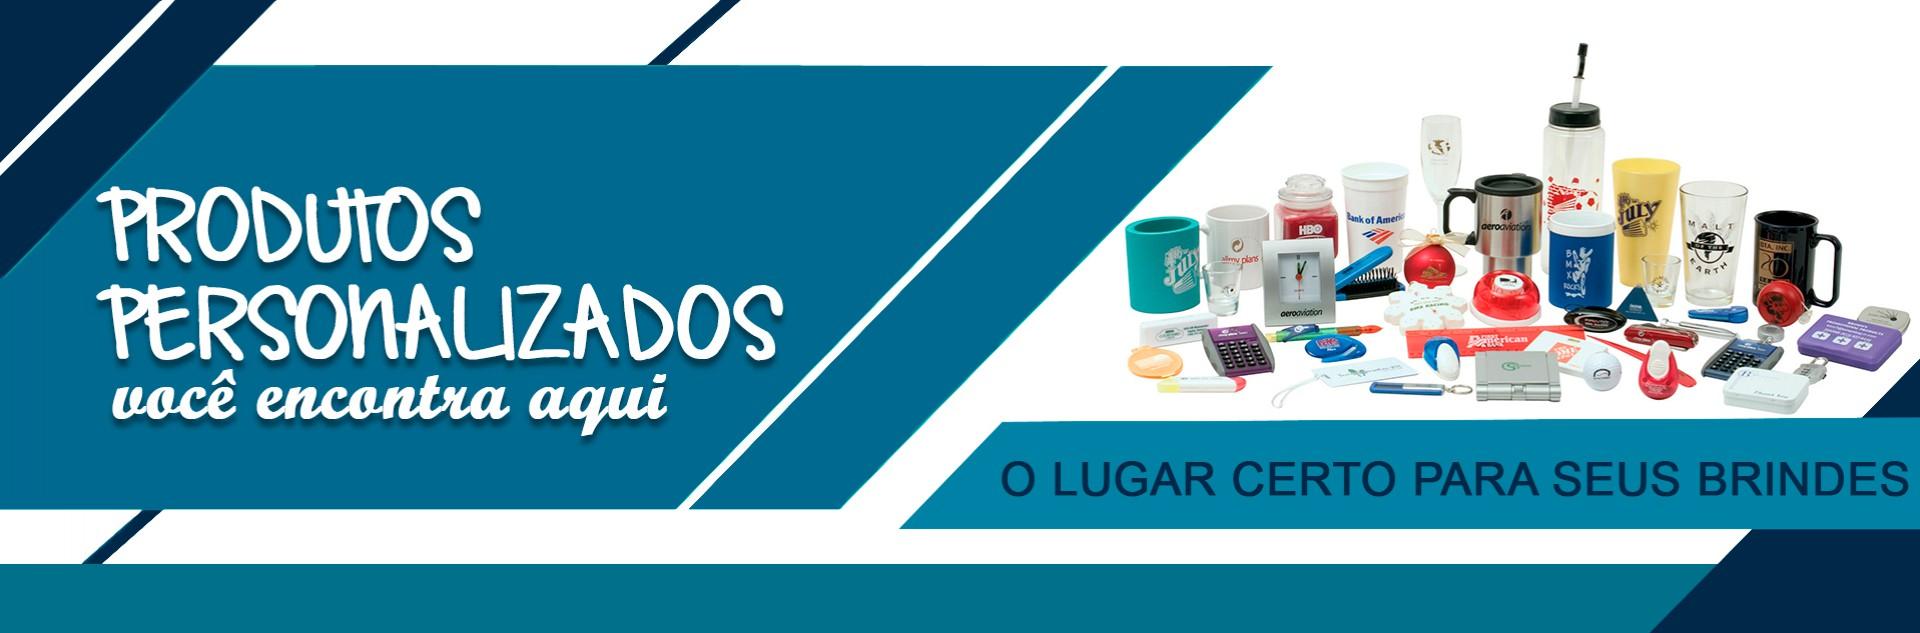 21d6c8098 Sul Minas